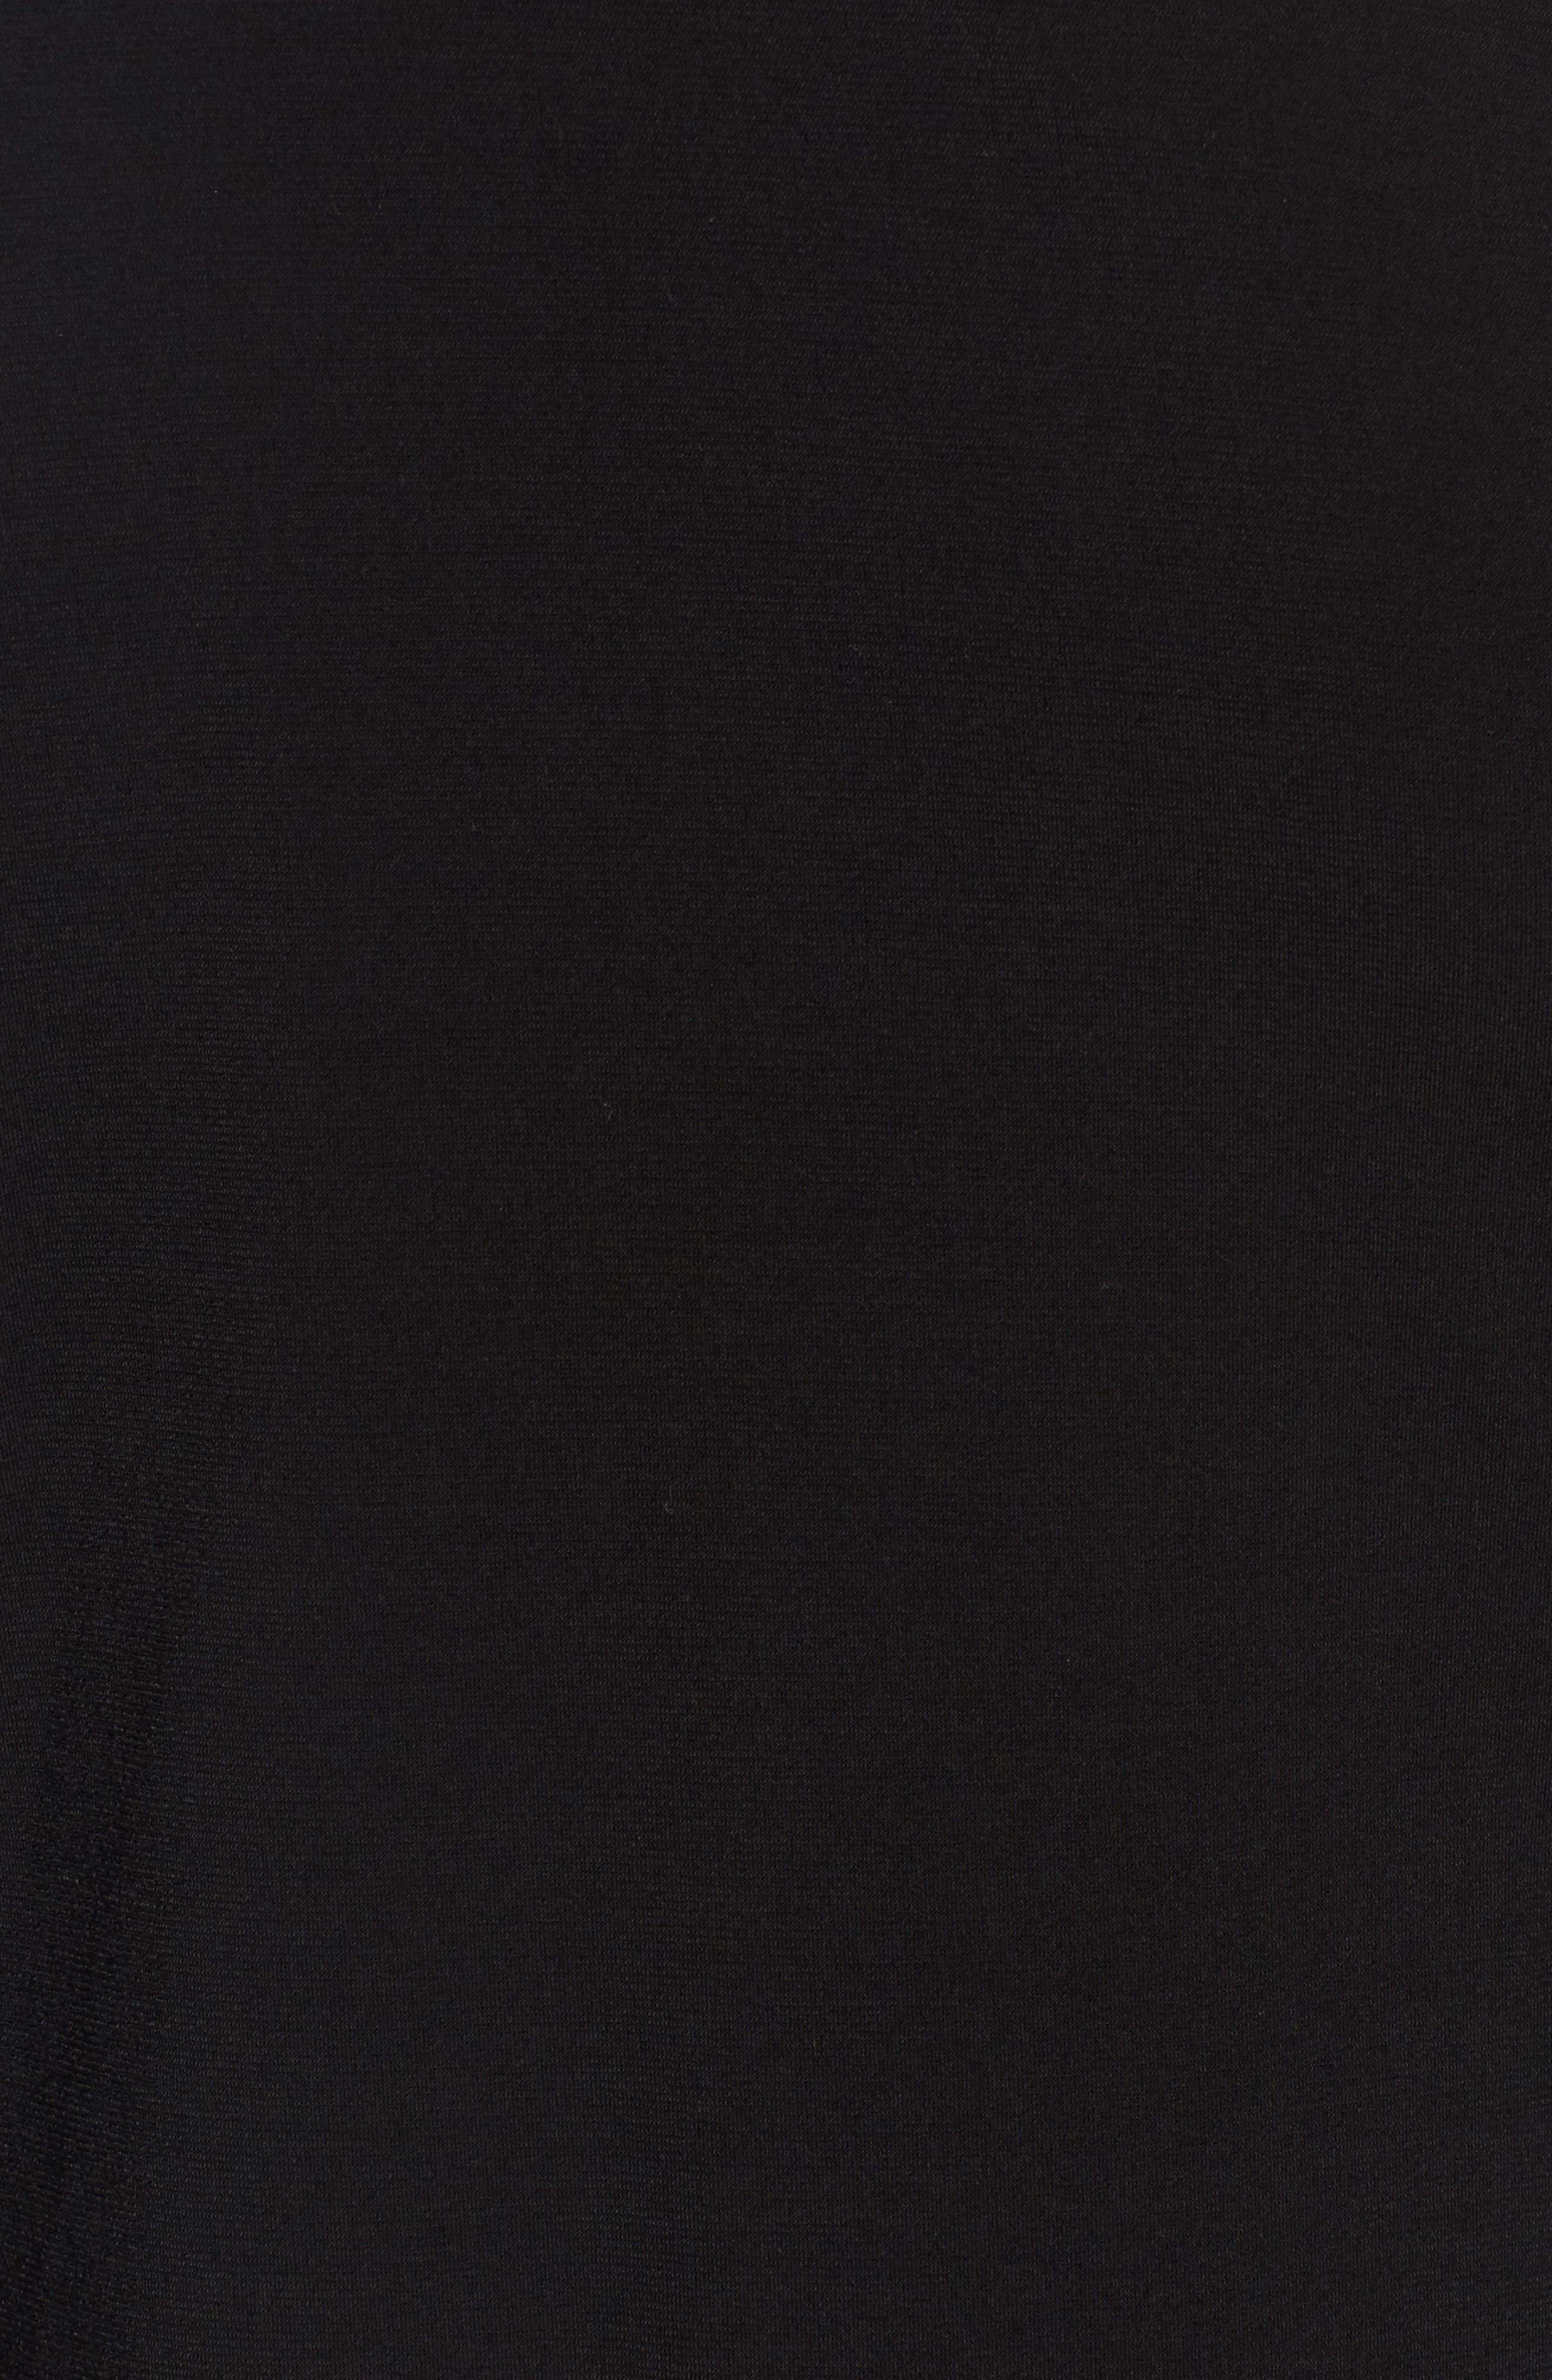 Grommet Lace Shift Dress,                             Alternate thumbnail 5, color,                             001